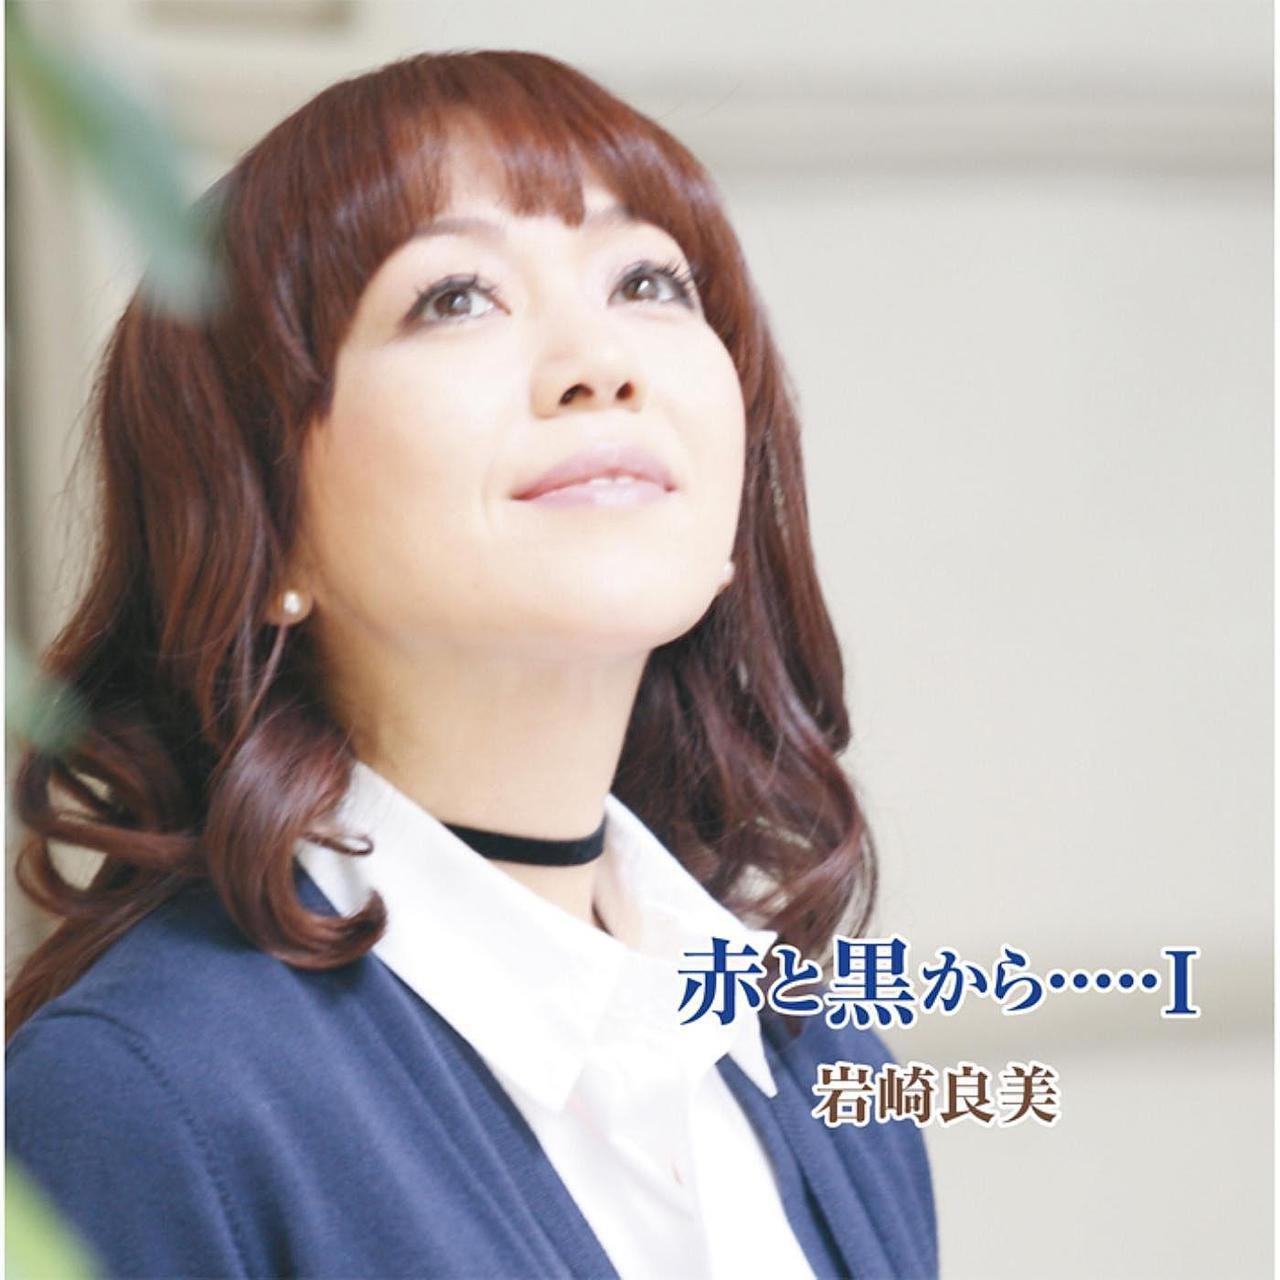 Yoshimi Iwasaki Yoshimi Iwasaki new photo